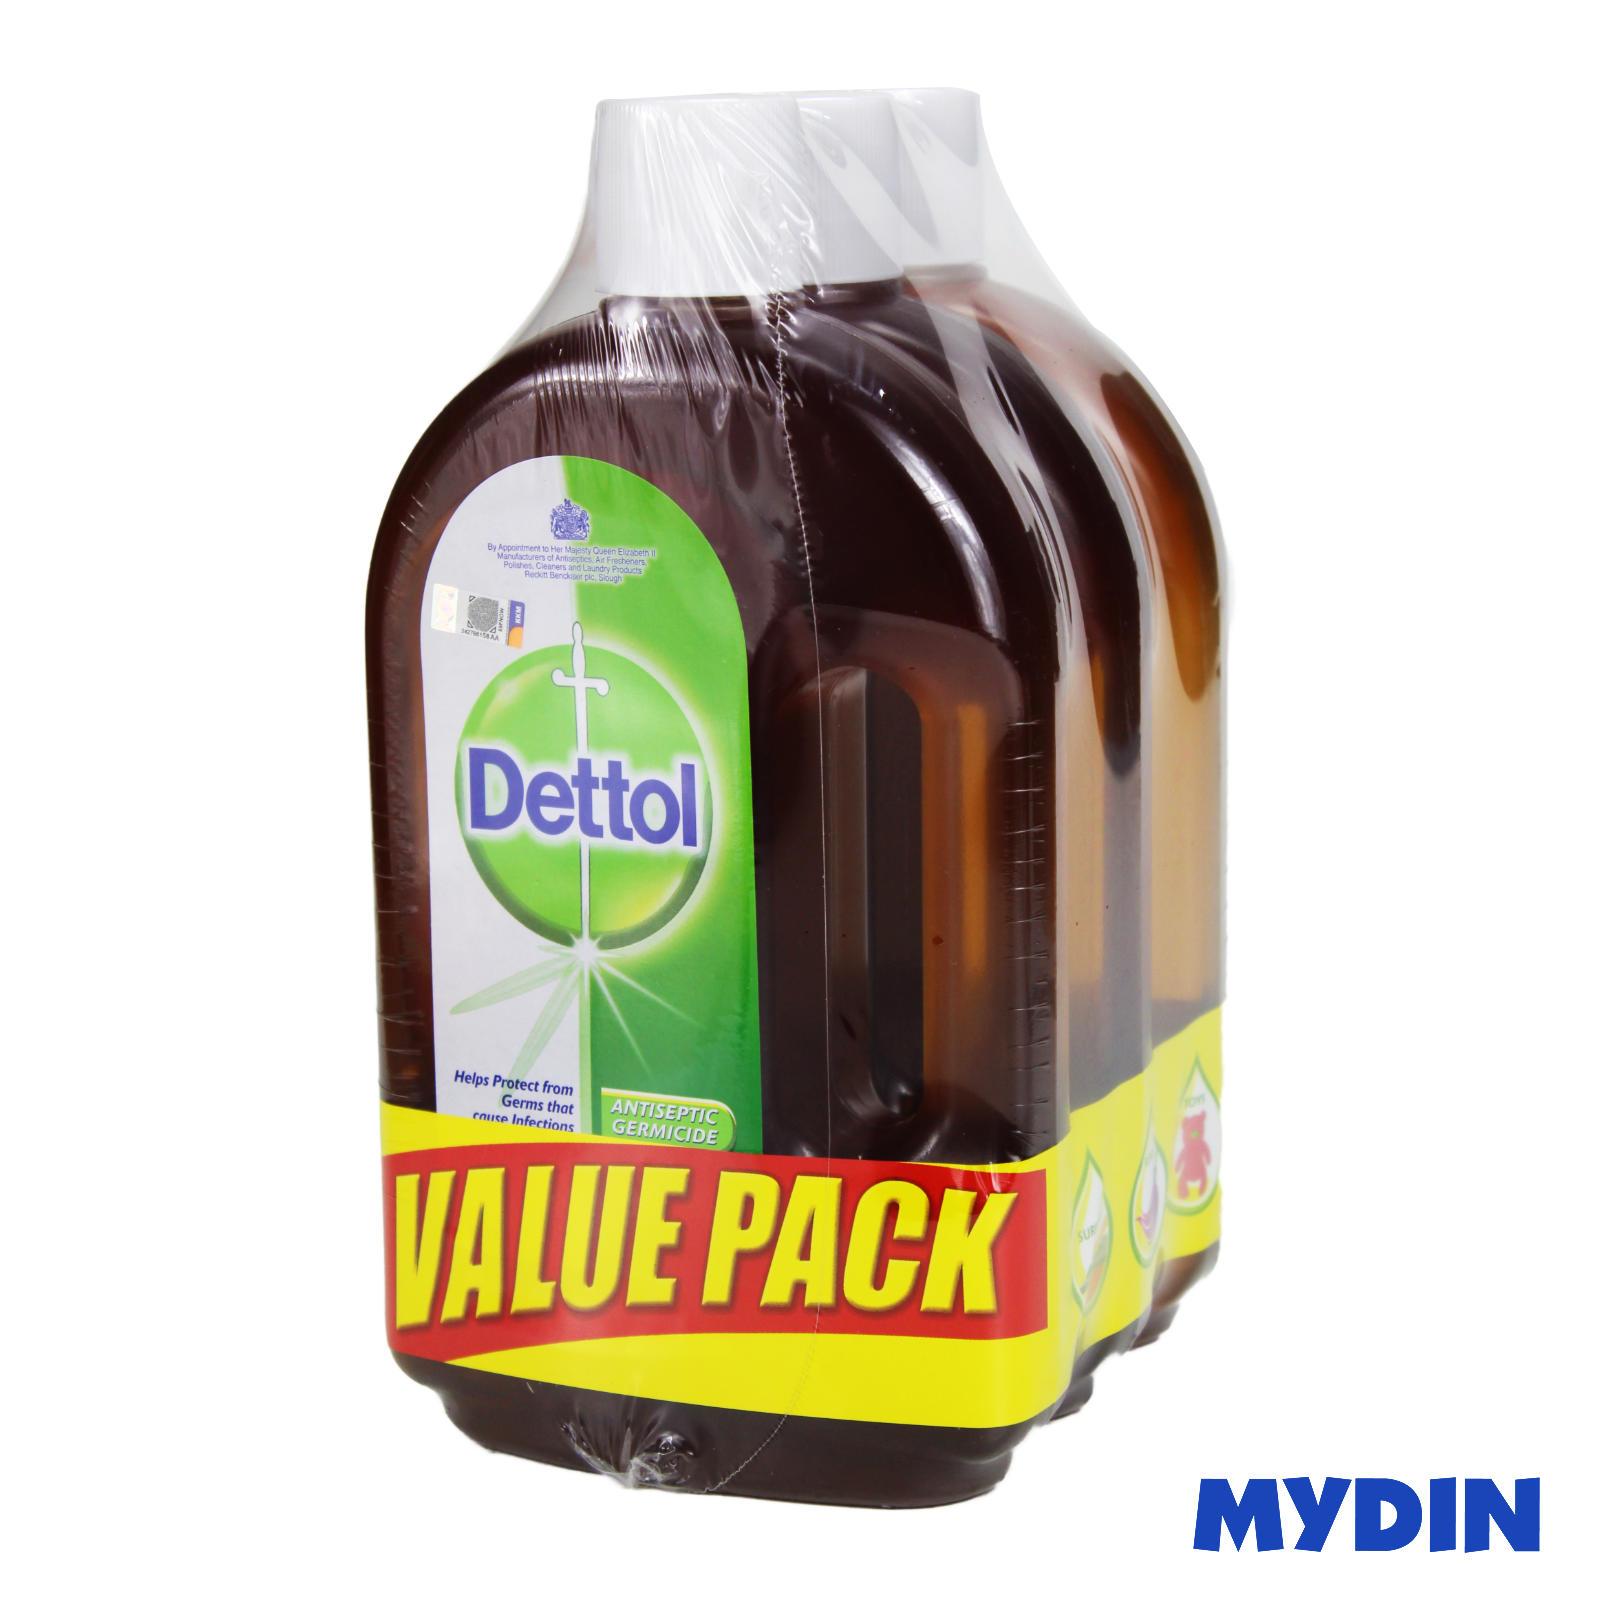 Dettol Antiseptic Liquid (750ml x 3) - Value Pack